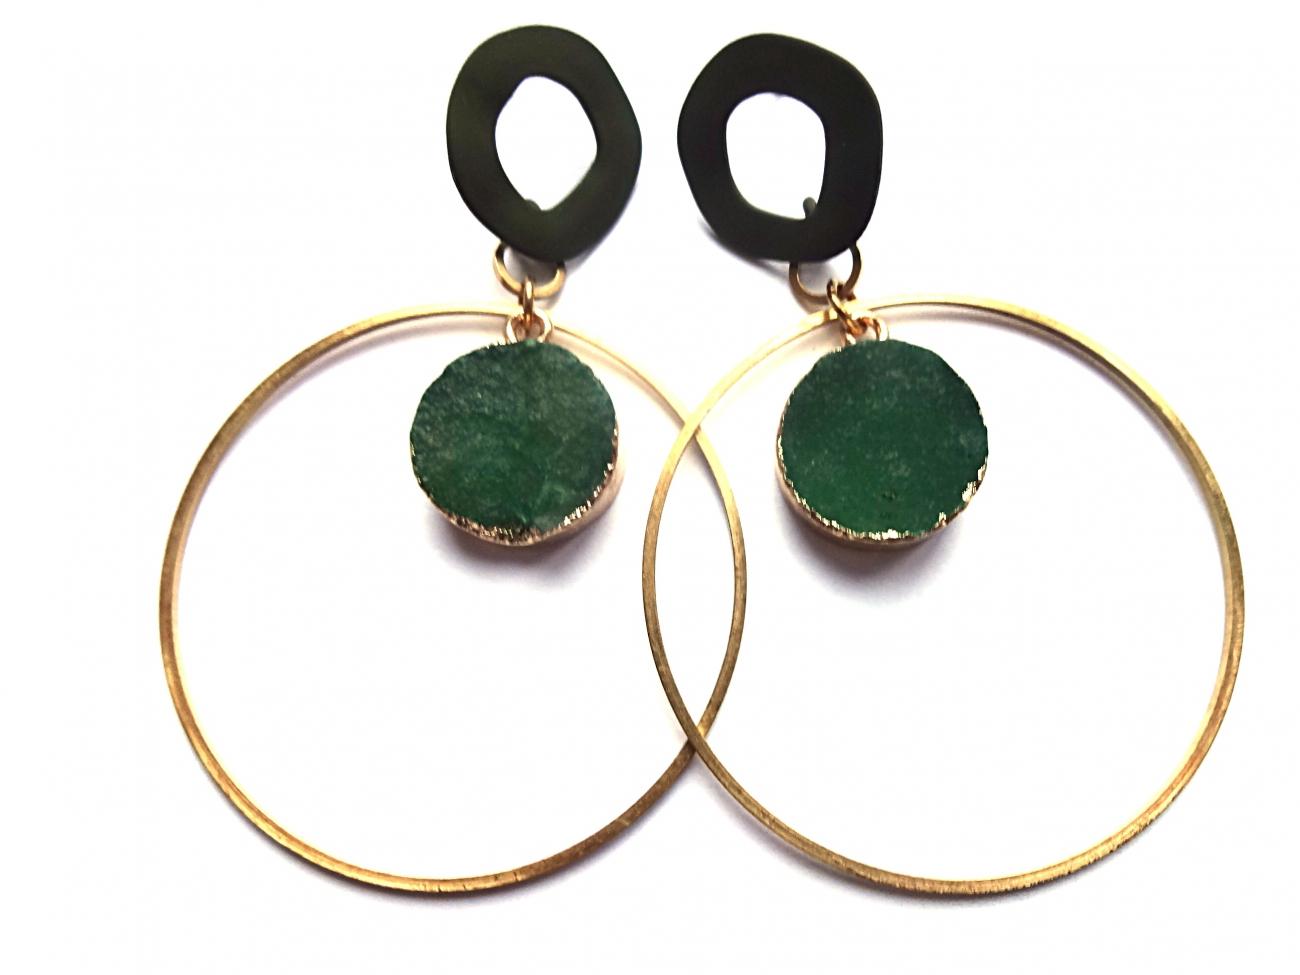 Auskarai iš žalio agato drūzos folijuotos aukso folija ir žalvariniais lankais